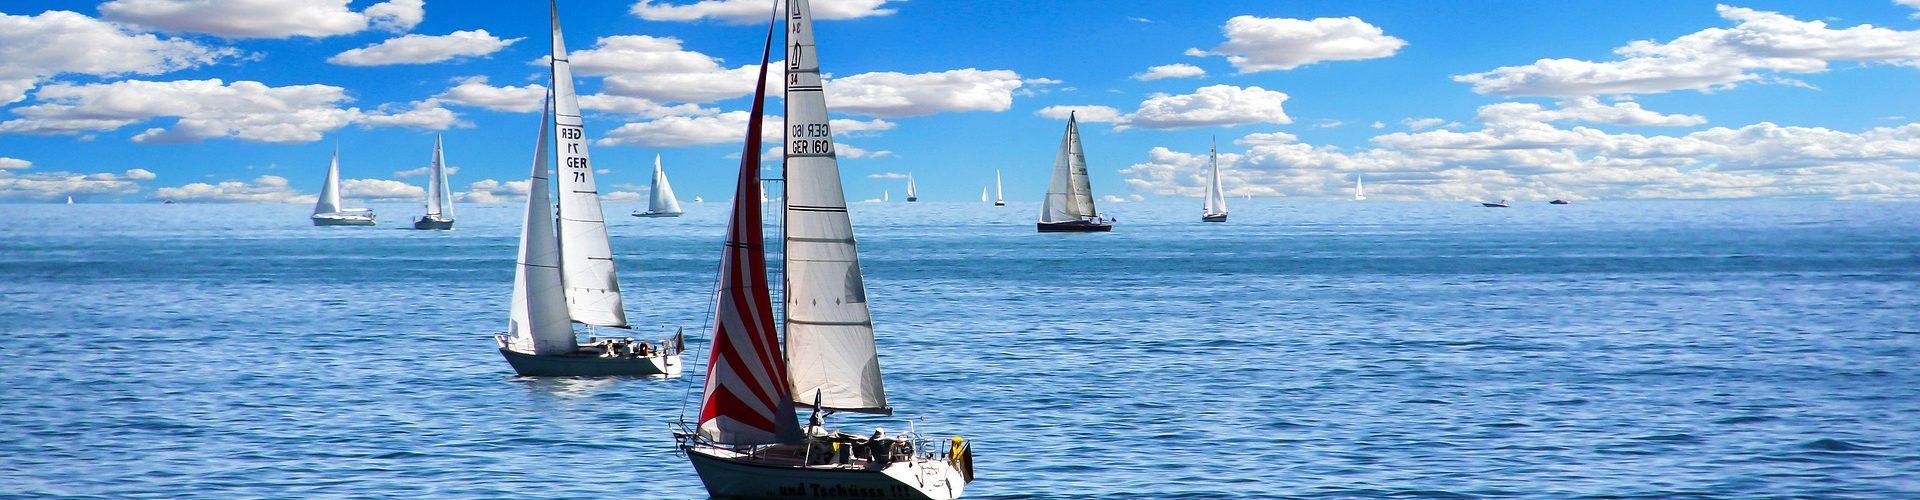 segeln lernen in Lünen segelschein machen in Lünen 1920x500 - Segeln lernen in Lünen